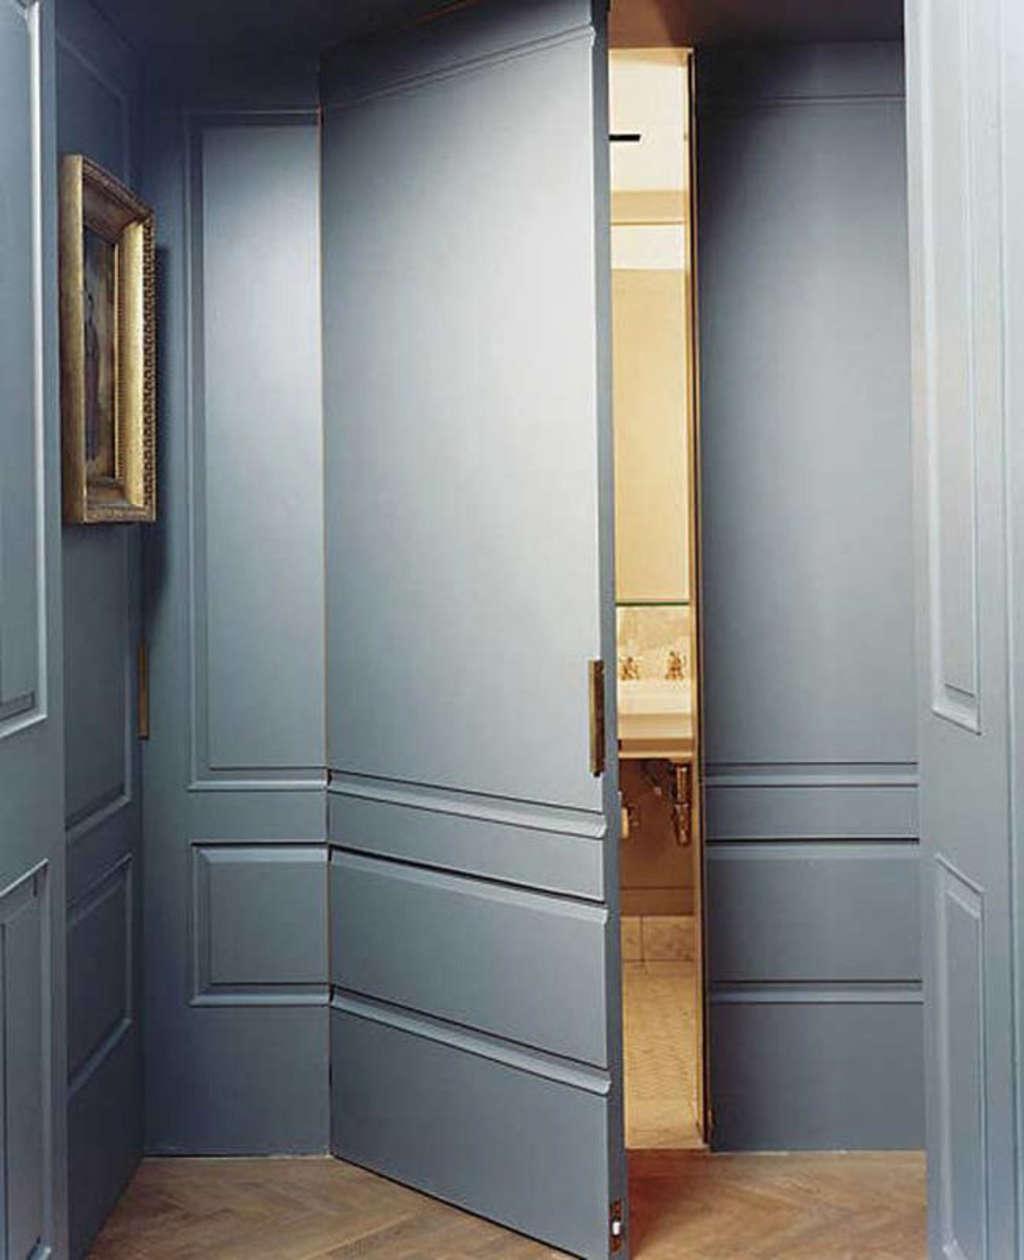 Secret Spaces: Hidden Doors in Paneled Walls